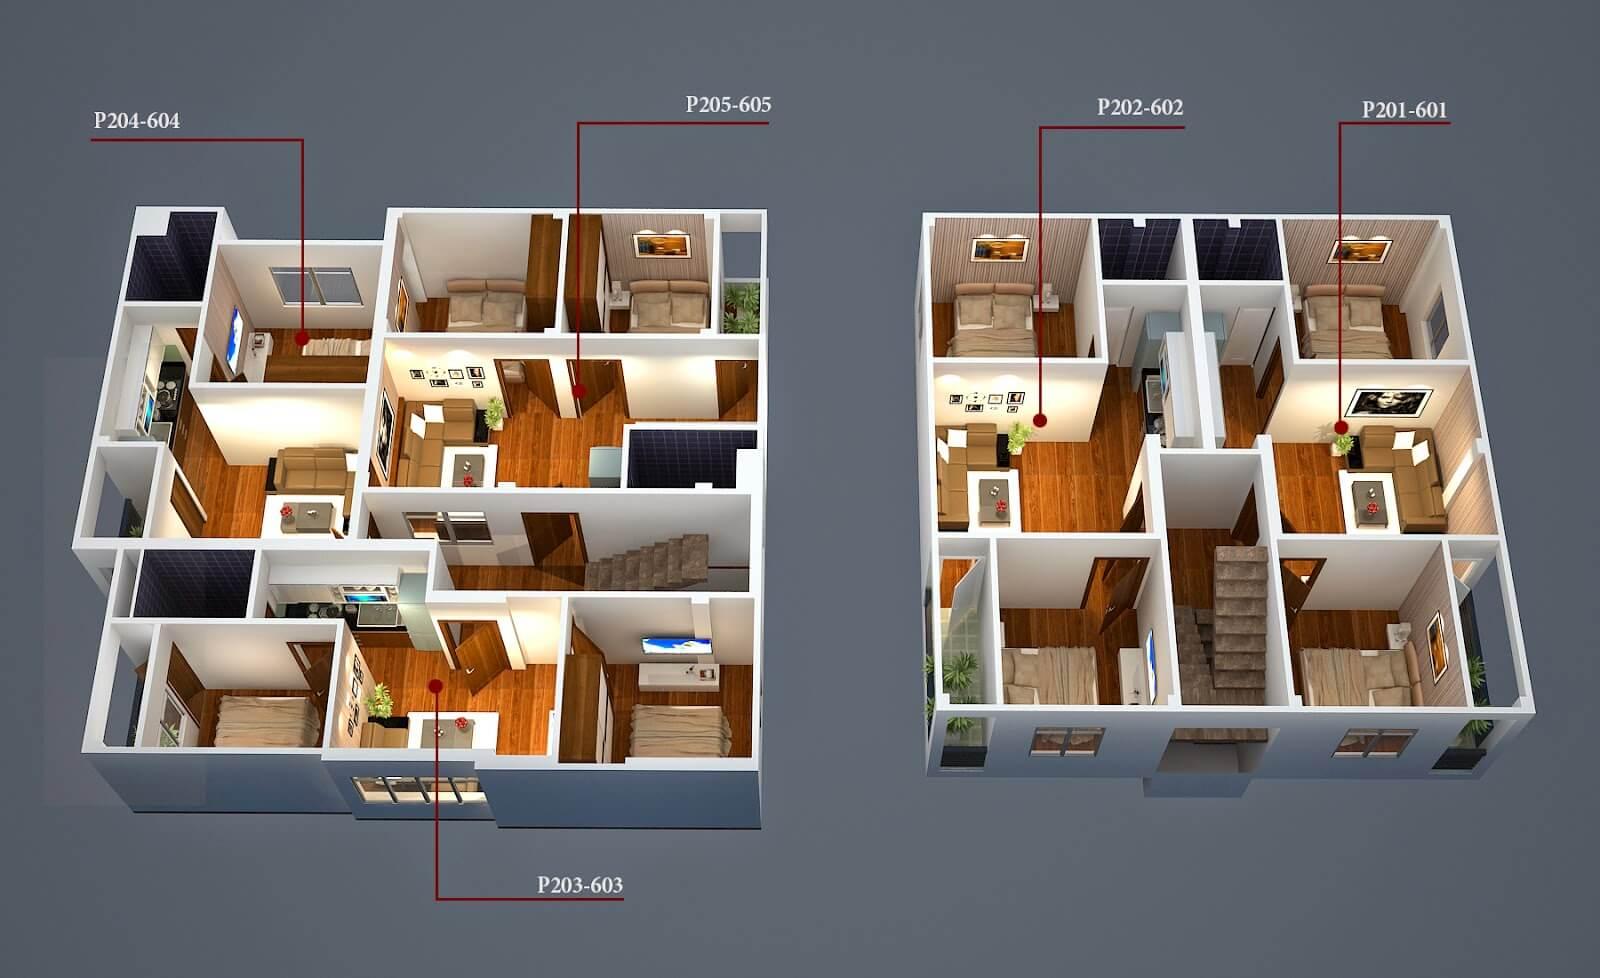 Bản vẽ mặt bằng bố trí nhà chung cư đẹp tại Hà Nội